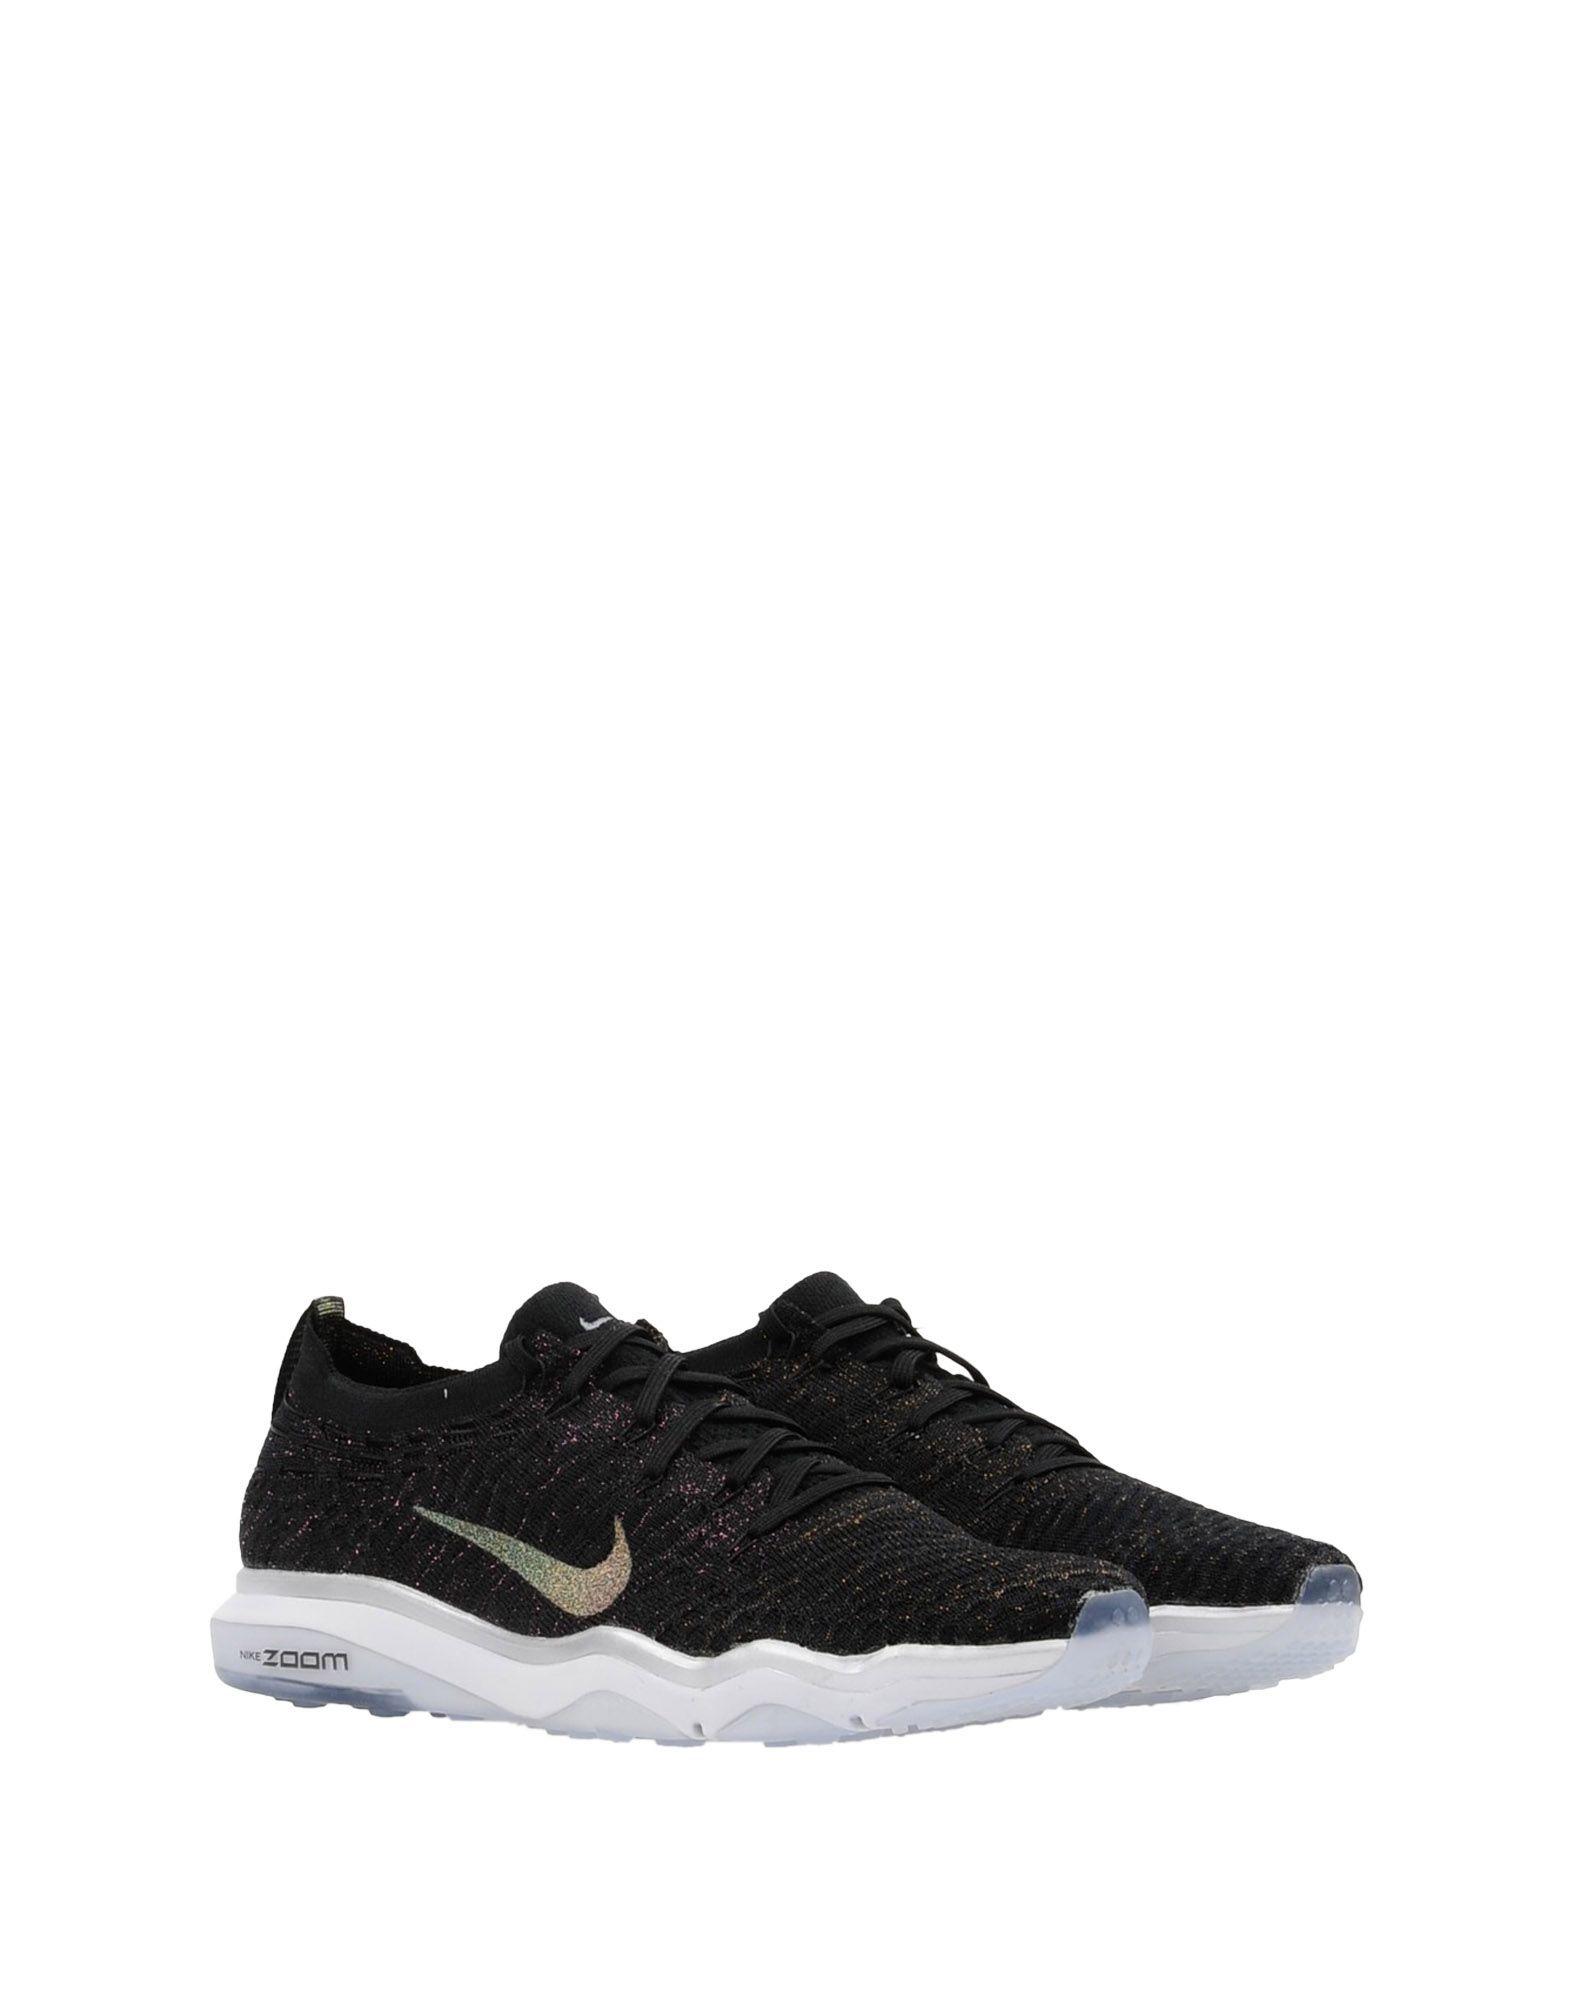 Sneakers Nike Air Zoom Fearless Fk Metallic - Femme - Sneakers Nike sur